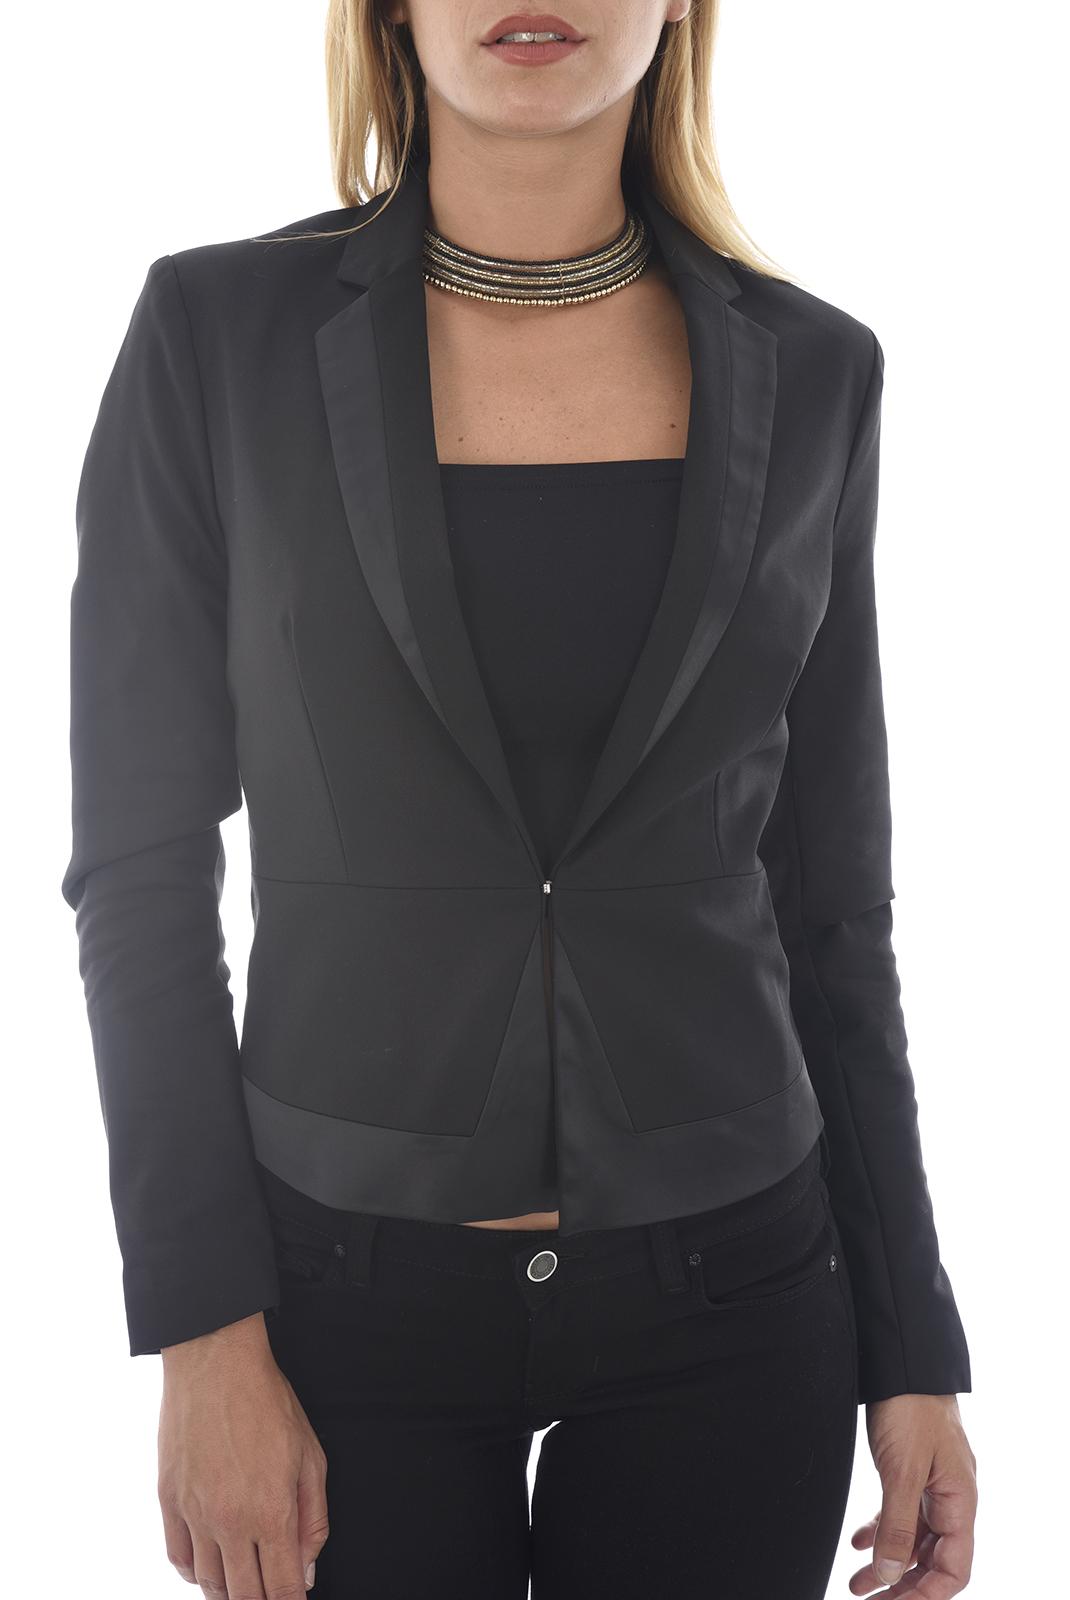 Morgan Noir Blousons Vlara Femme Vestes 181 amp; n zg4SSftn